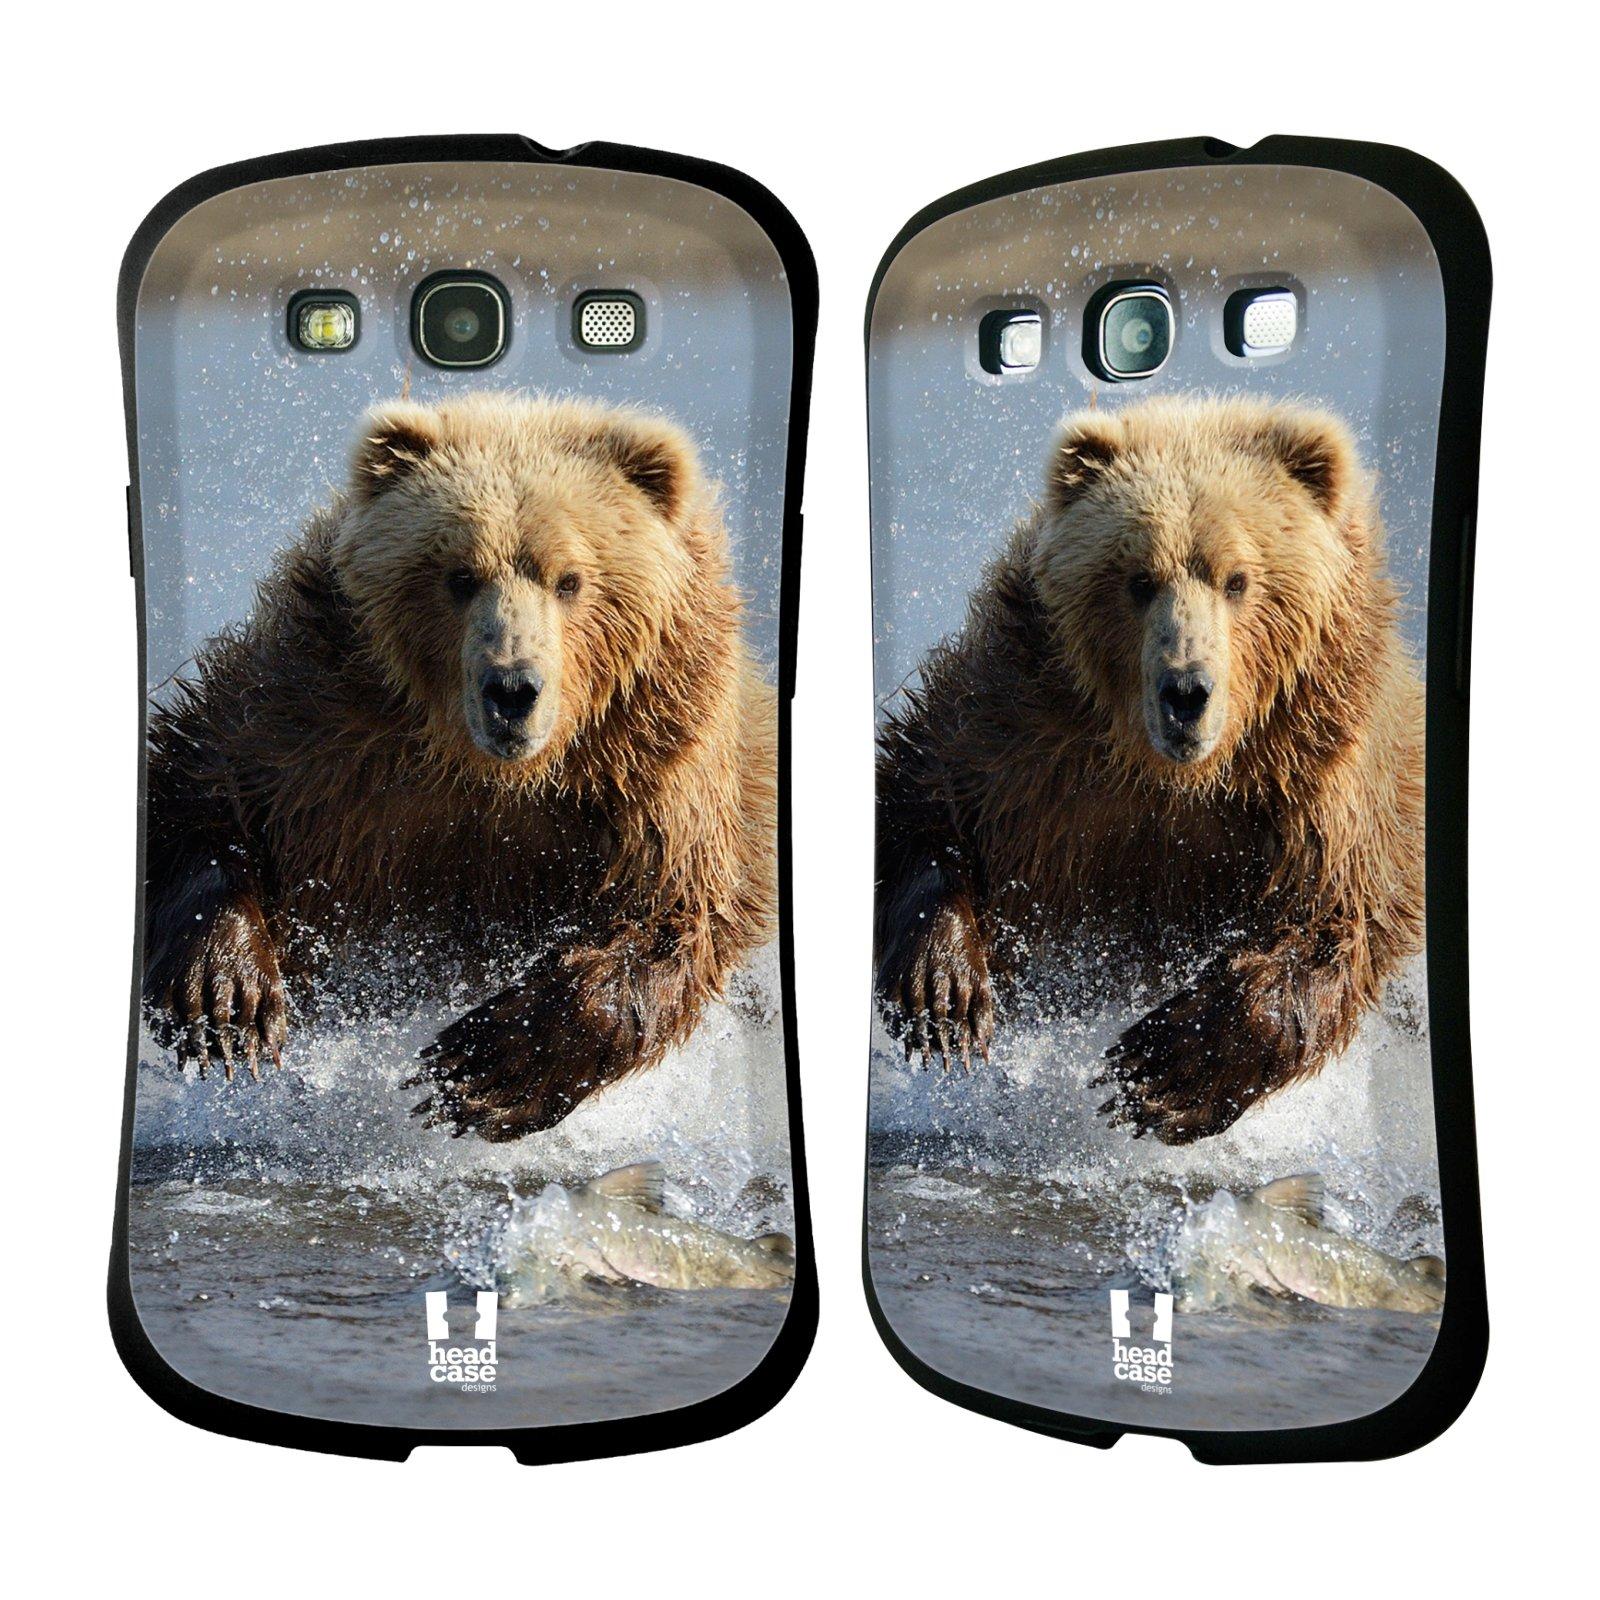 HEAD CASE silikon/plast odolný obal na mobil Samsung Galaxy S3 vzor Divočina, Divoký život a zvířata foto MEDVĚD GRIZZLY HŇEDÁ